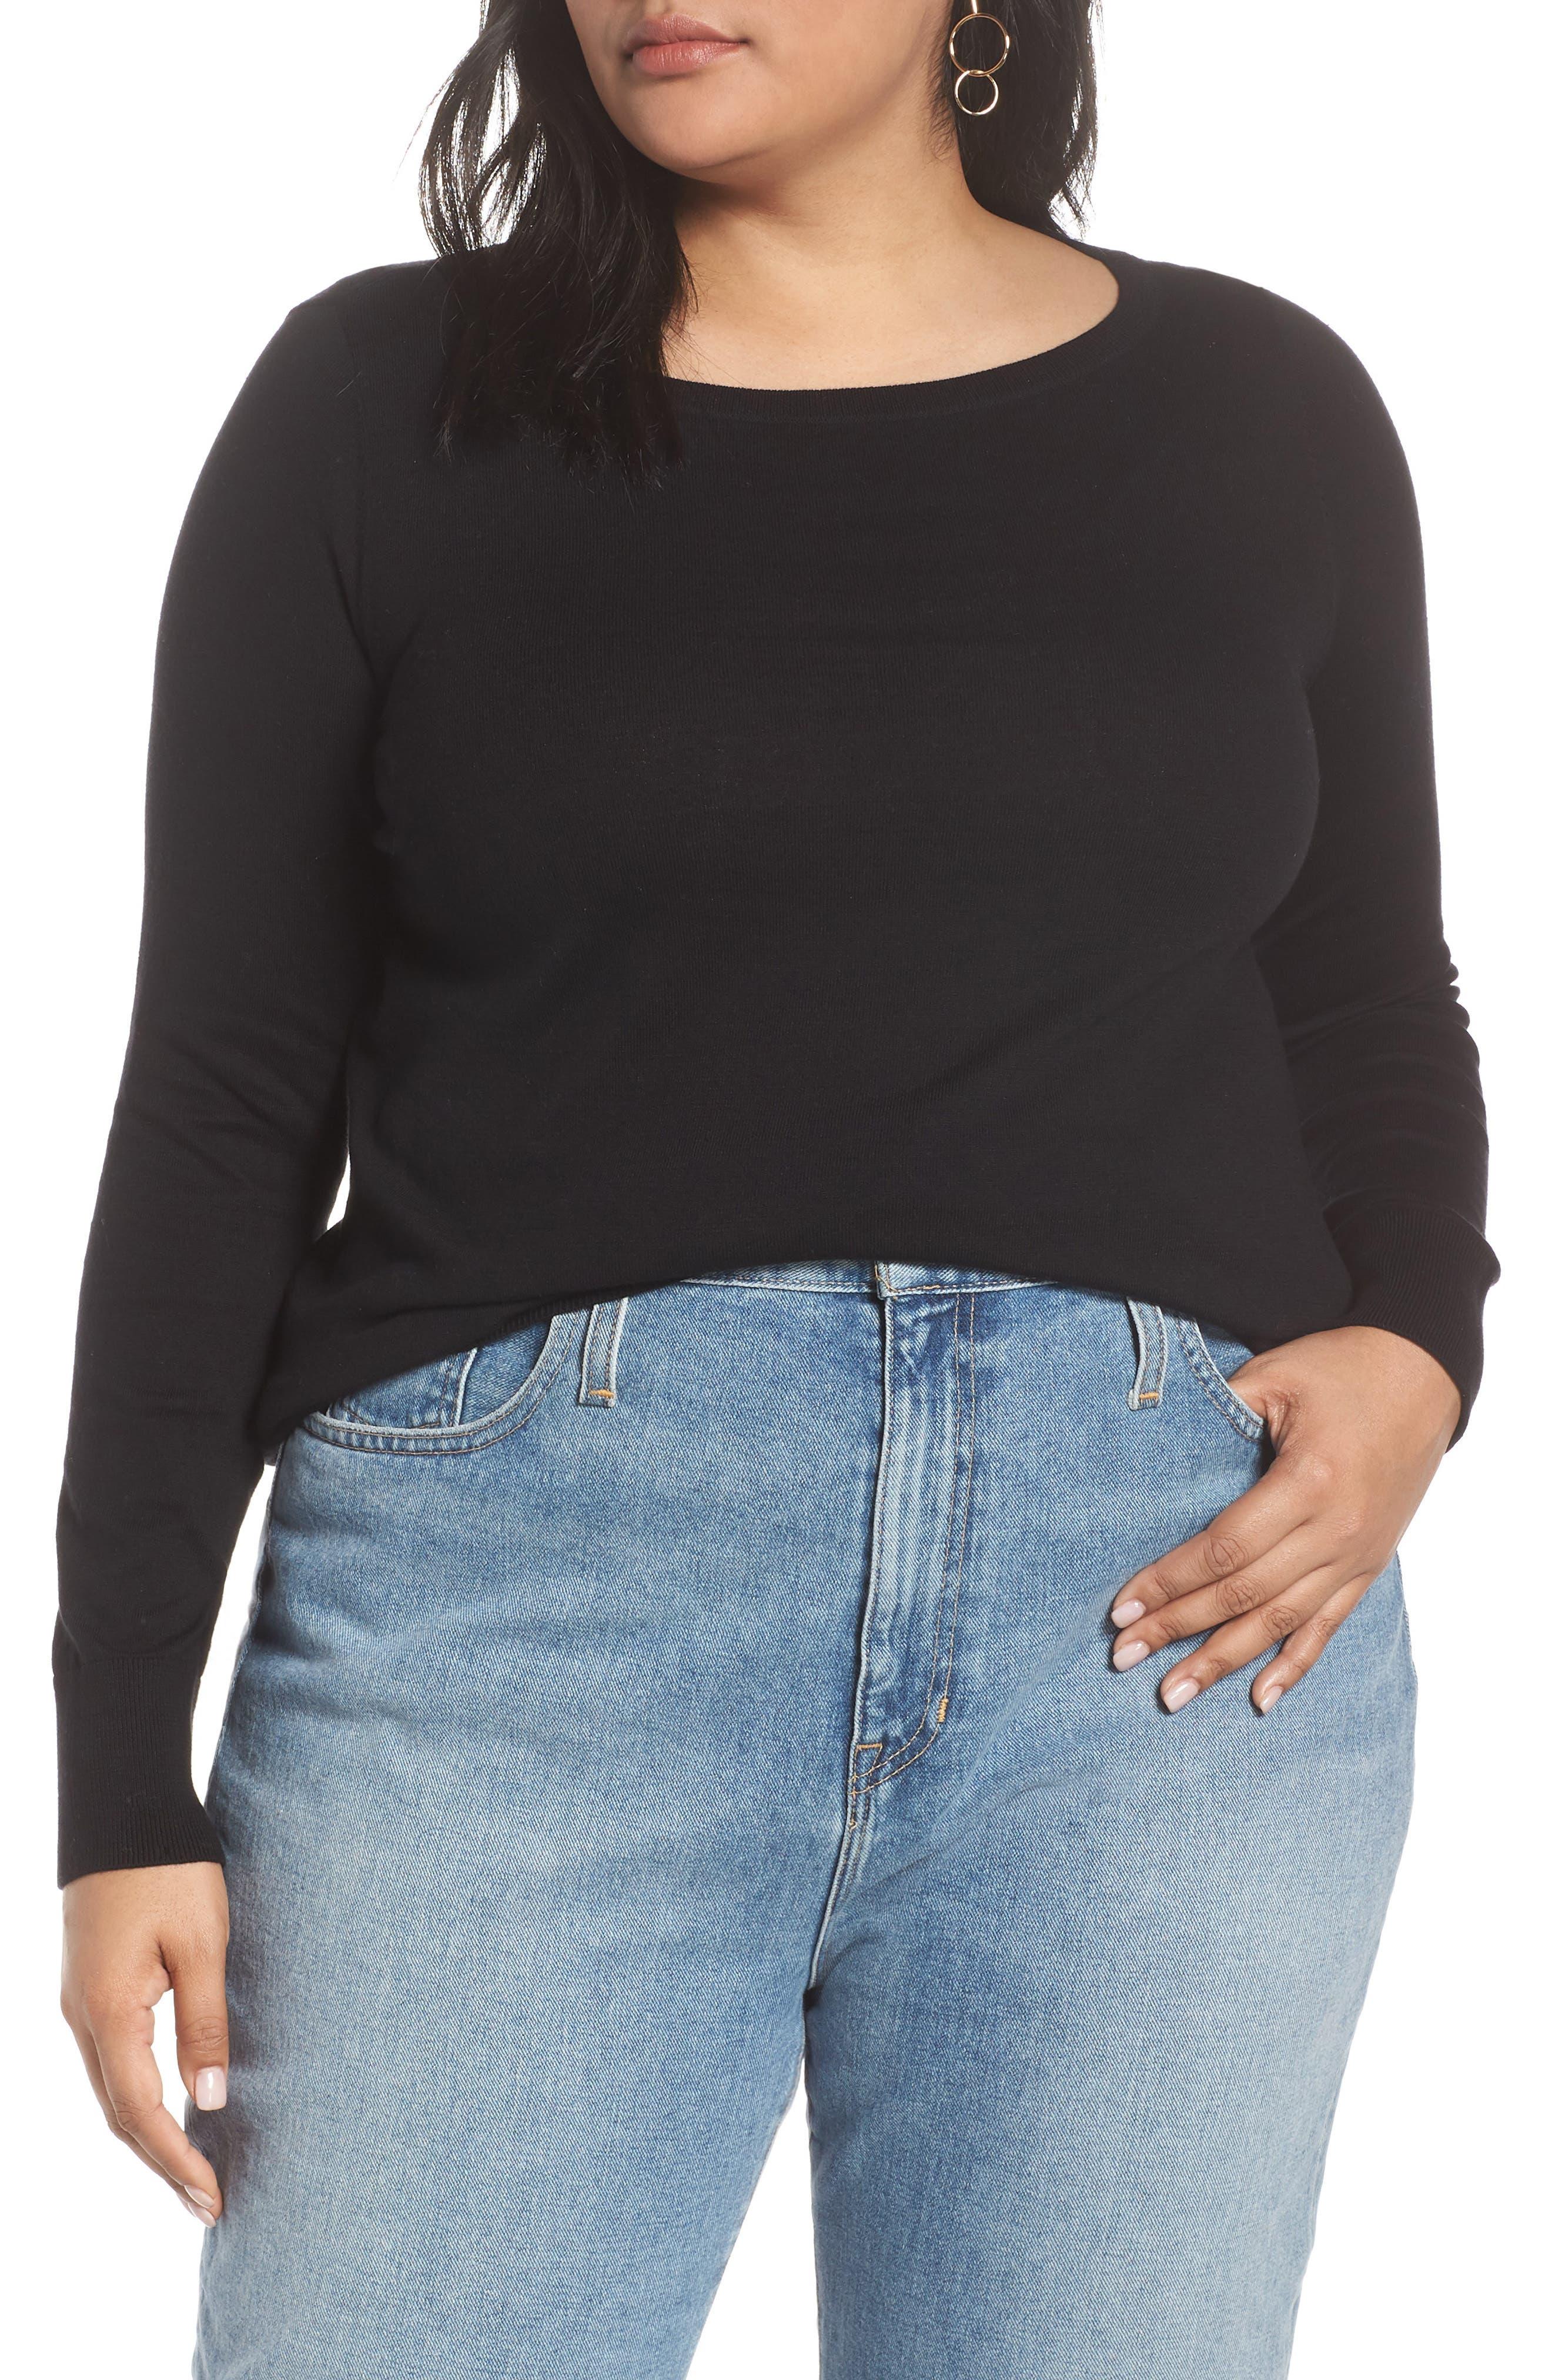 HALOGEN<SUP>®</SUP>, Bateau Neck Sweater, Main thumbnail 1, color, BLACK